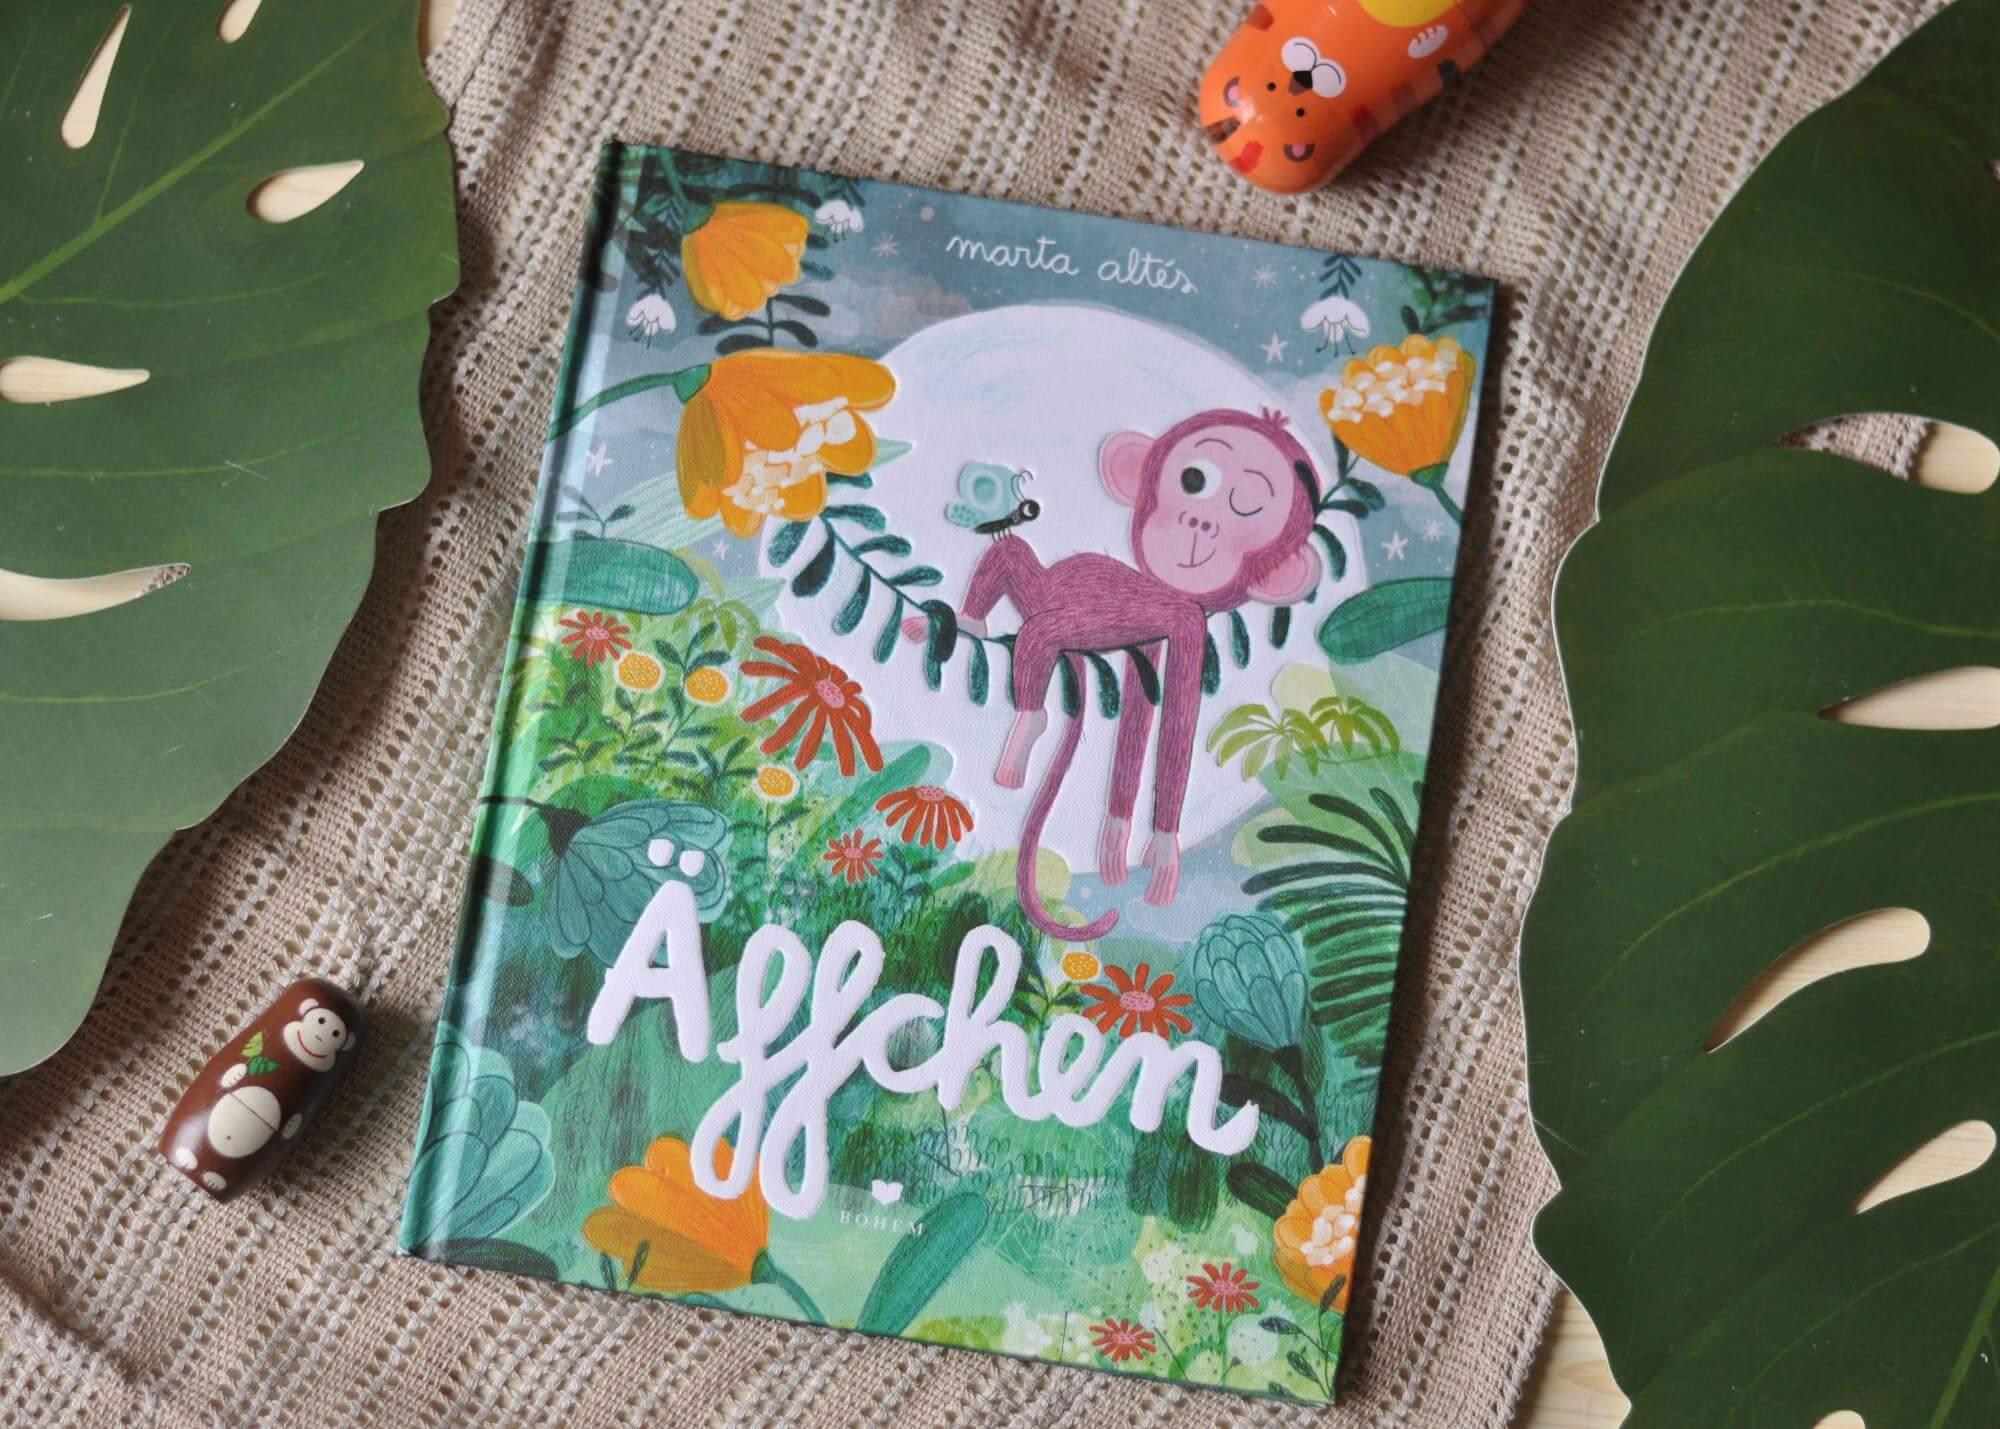 """Auch wer klein ist, kann Großartiges erreichen. Gewitzt und mutig streif das Äffchen allein durch den Dschungel. Von wegen """"zu klein"""". #affe #kinderbuch #vorlesen #buchtipp #dschungel #mutig #klein"""